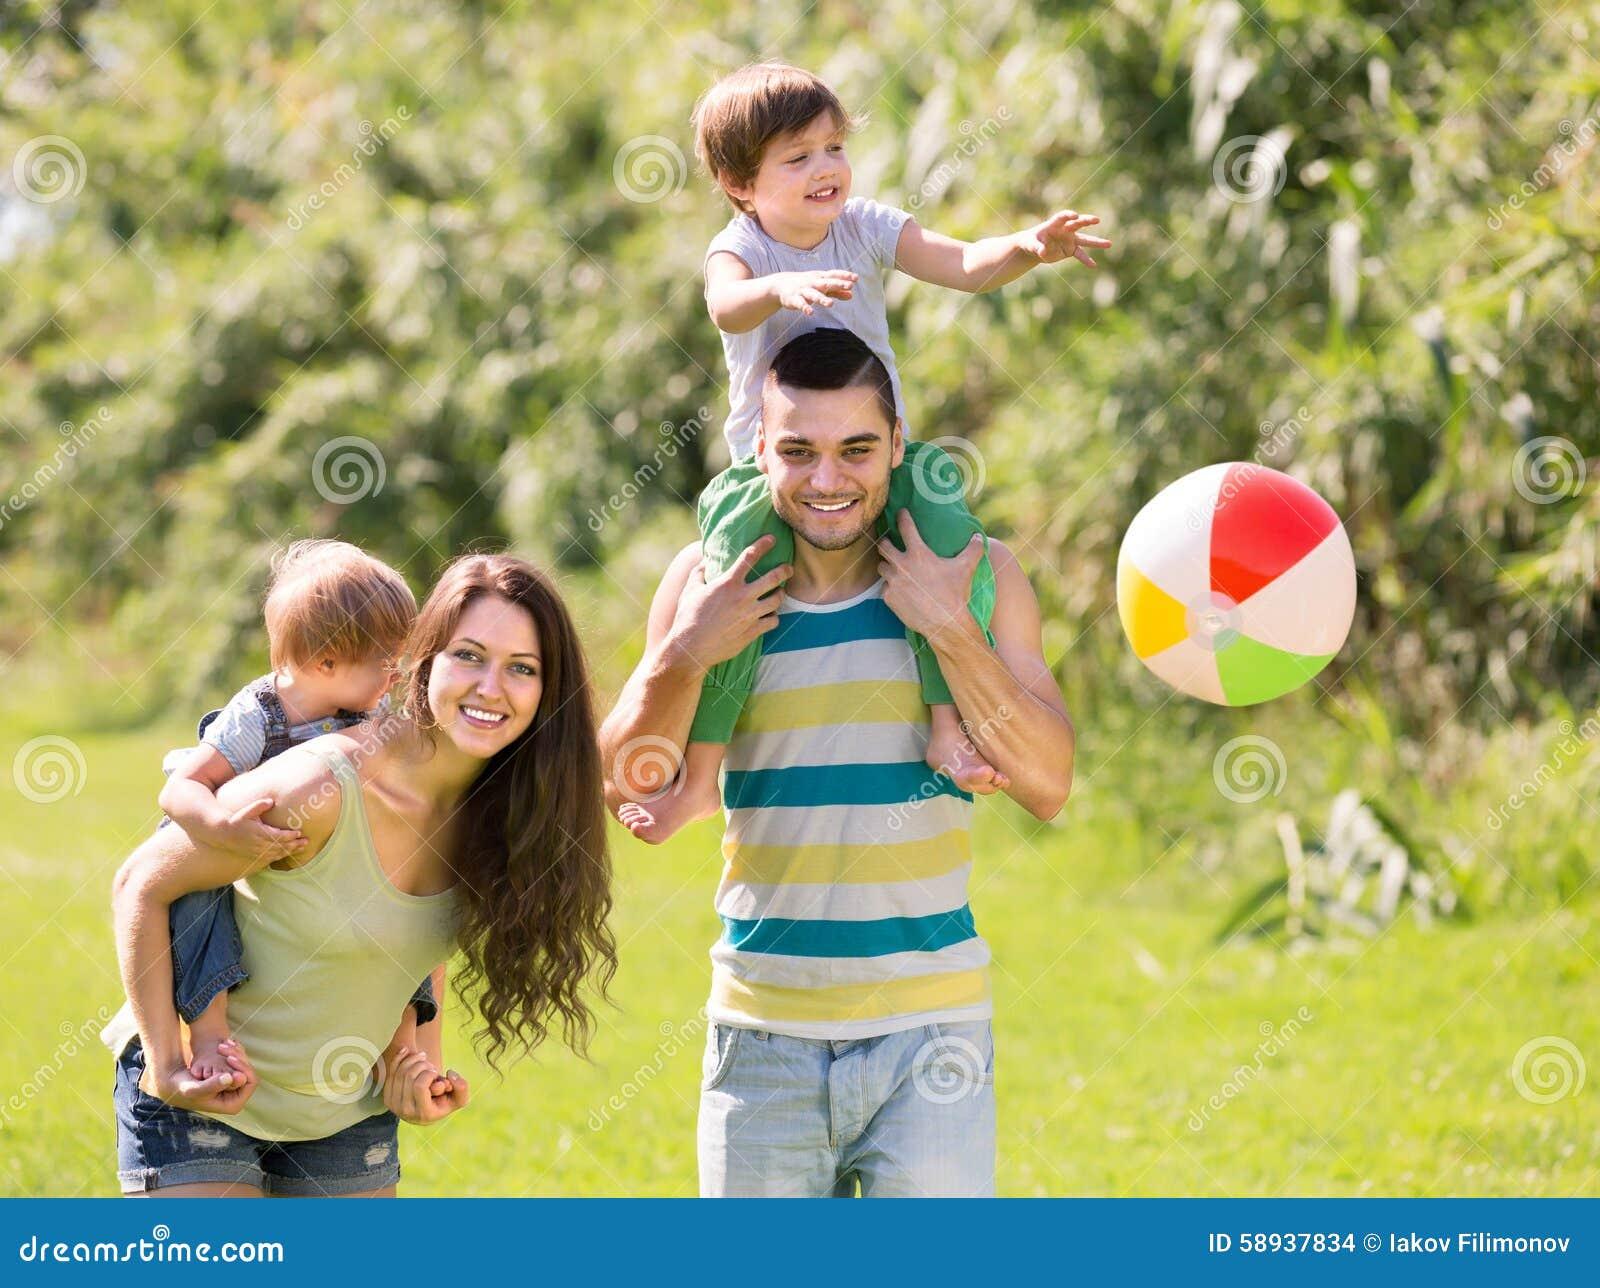 kids at 2 - photo #9